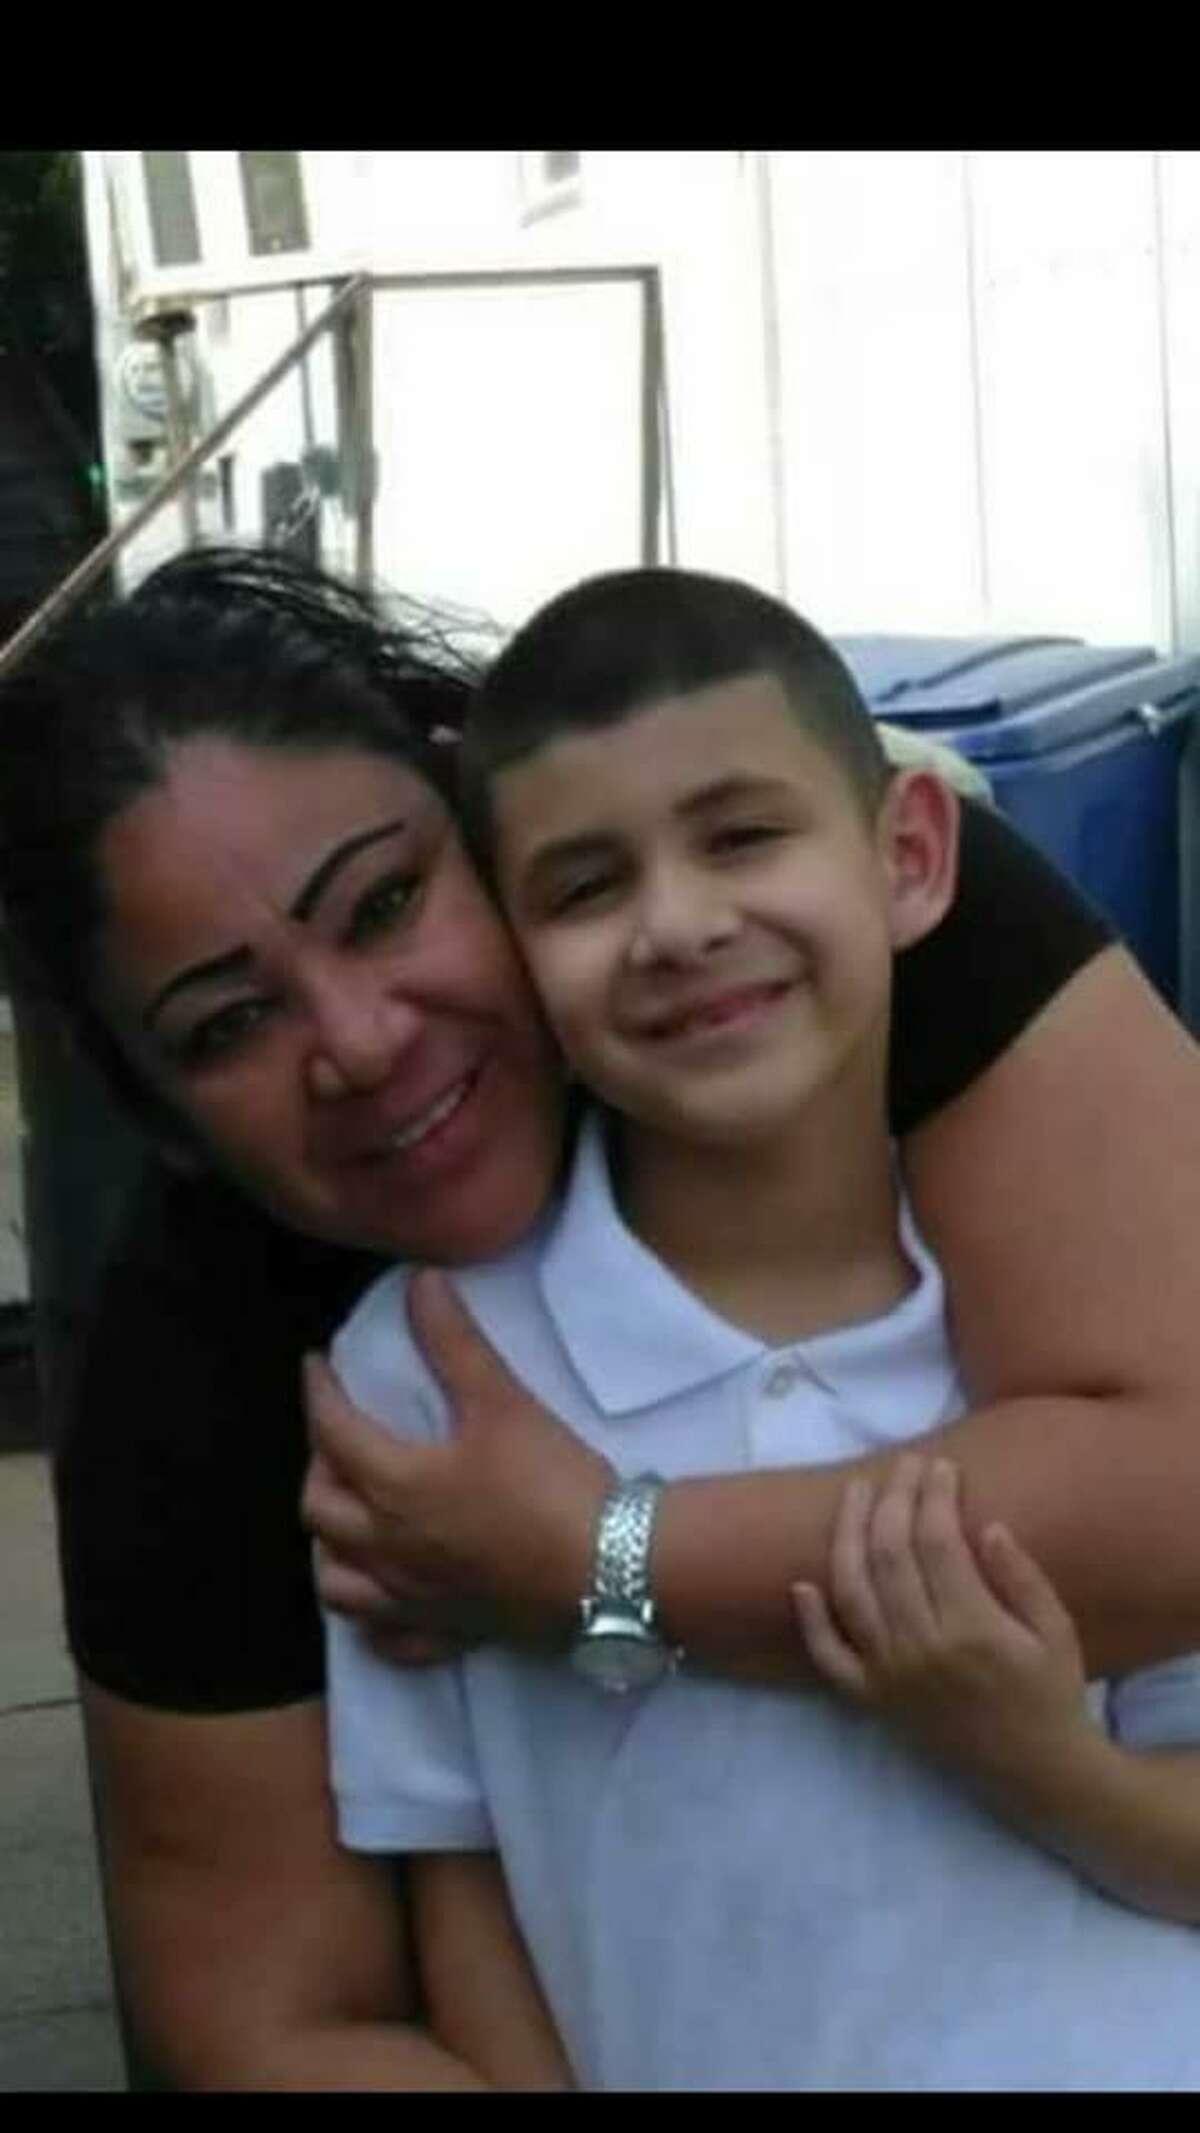 Patricia Gámez y Jorge Hernández fueron identificados como la madre e hijo que fallecieron en Nuevo Laredo, México.